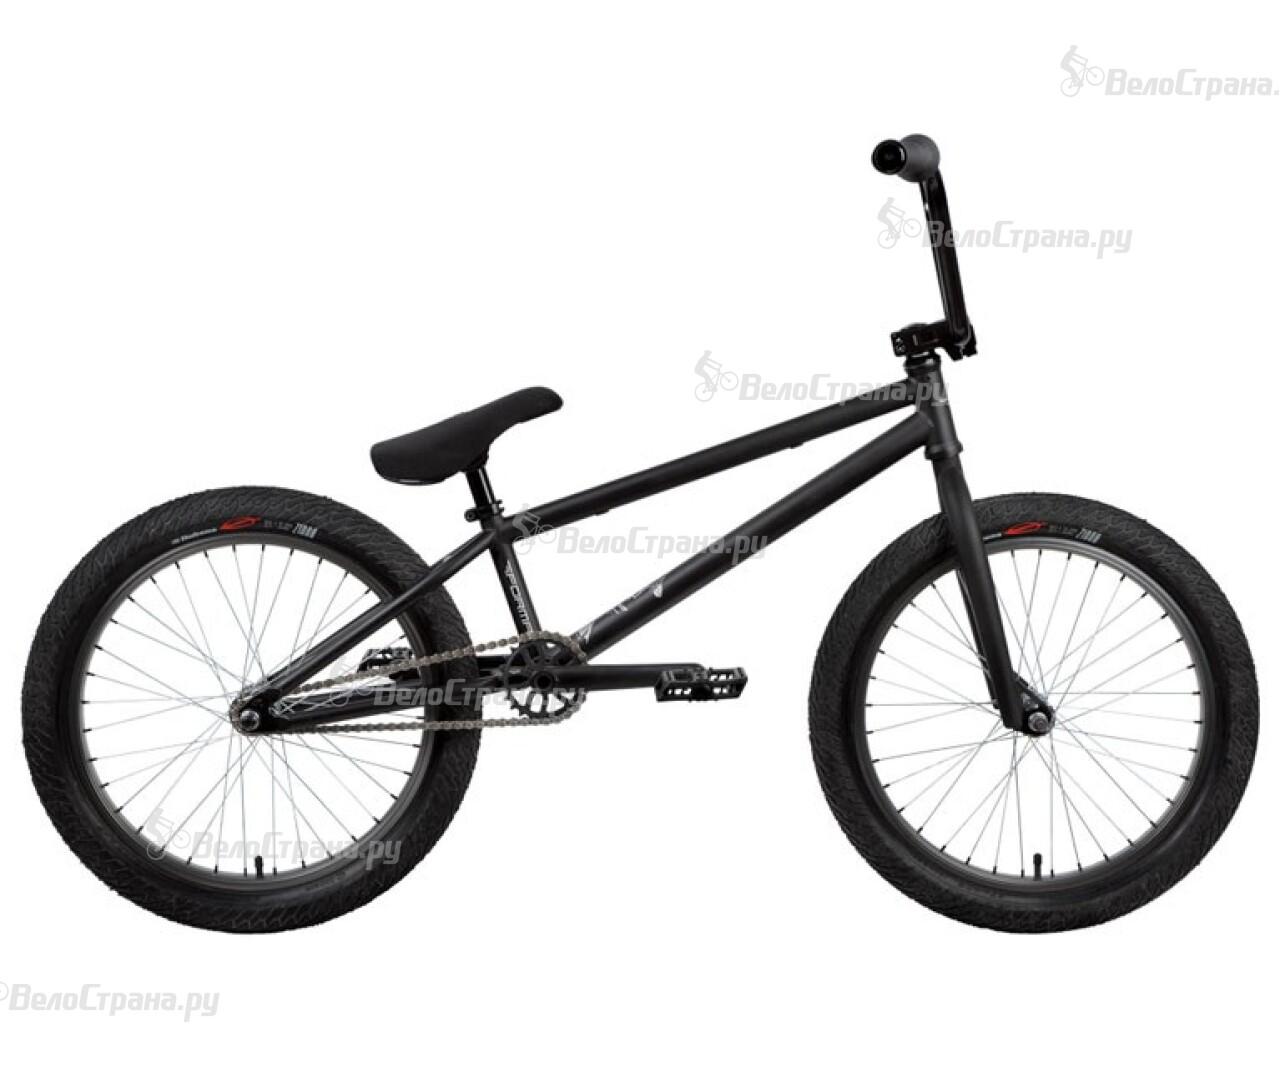 Велосипед Format 3212 (2014) велосипед format 1212 2014